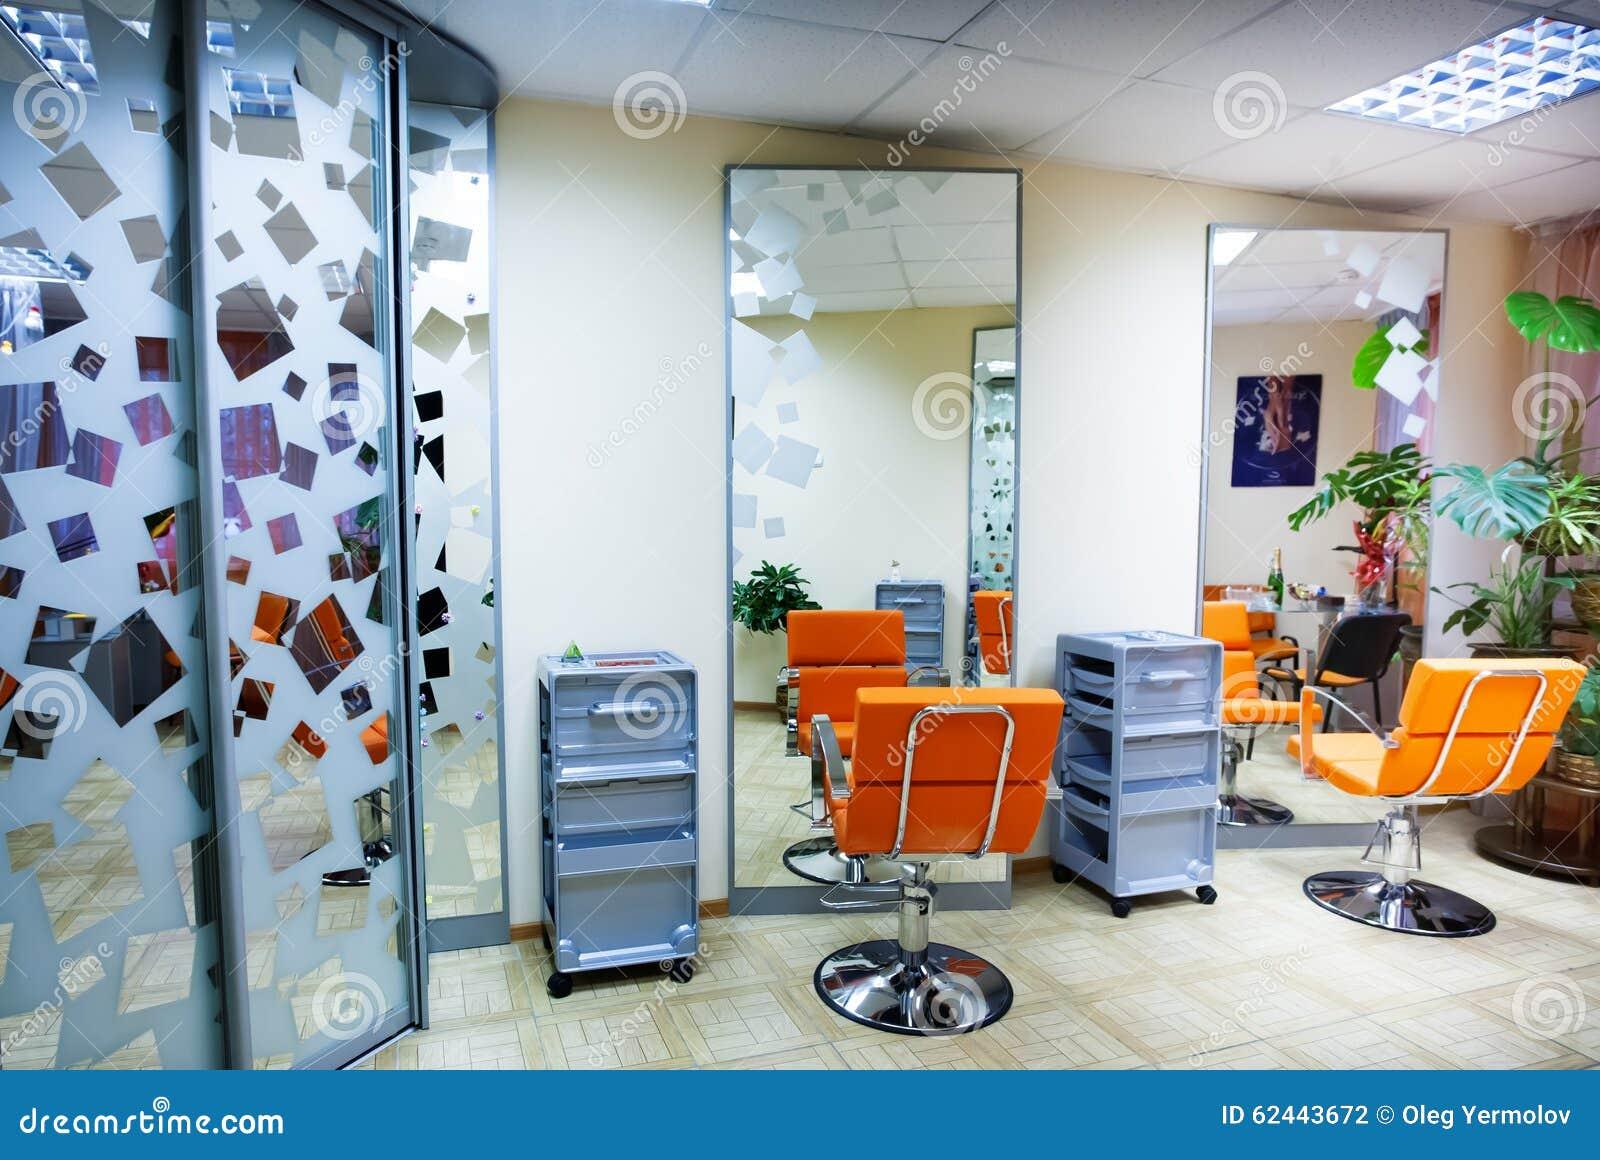 Intérieur De Salon De Coiffure Moderne